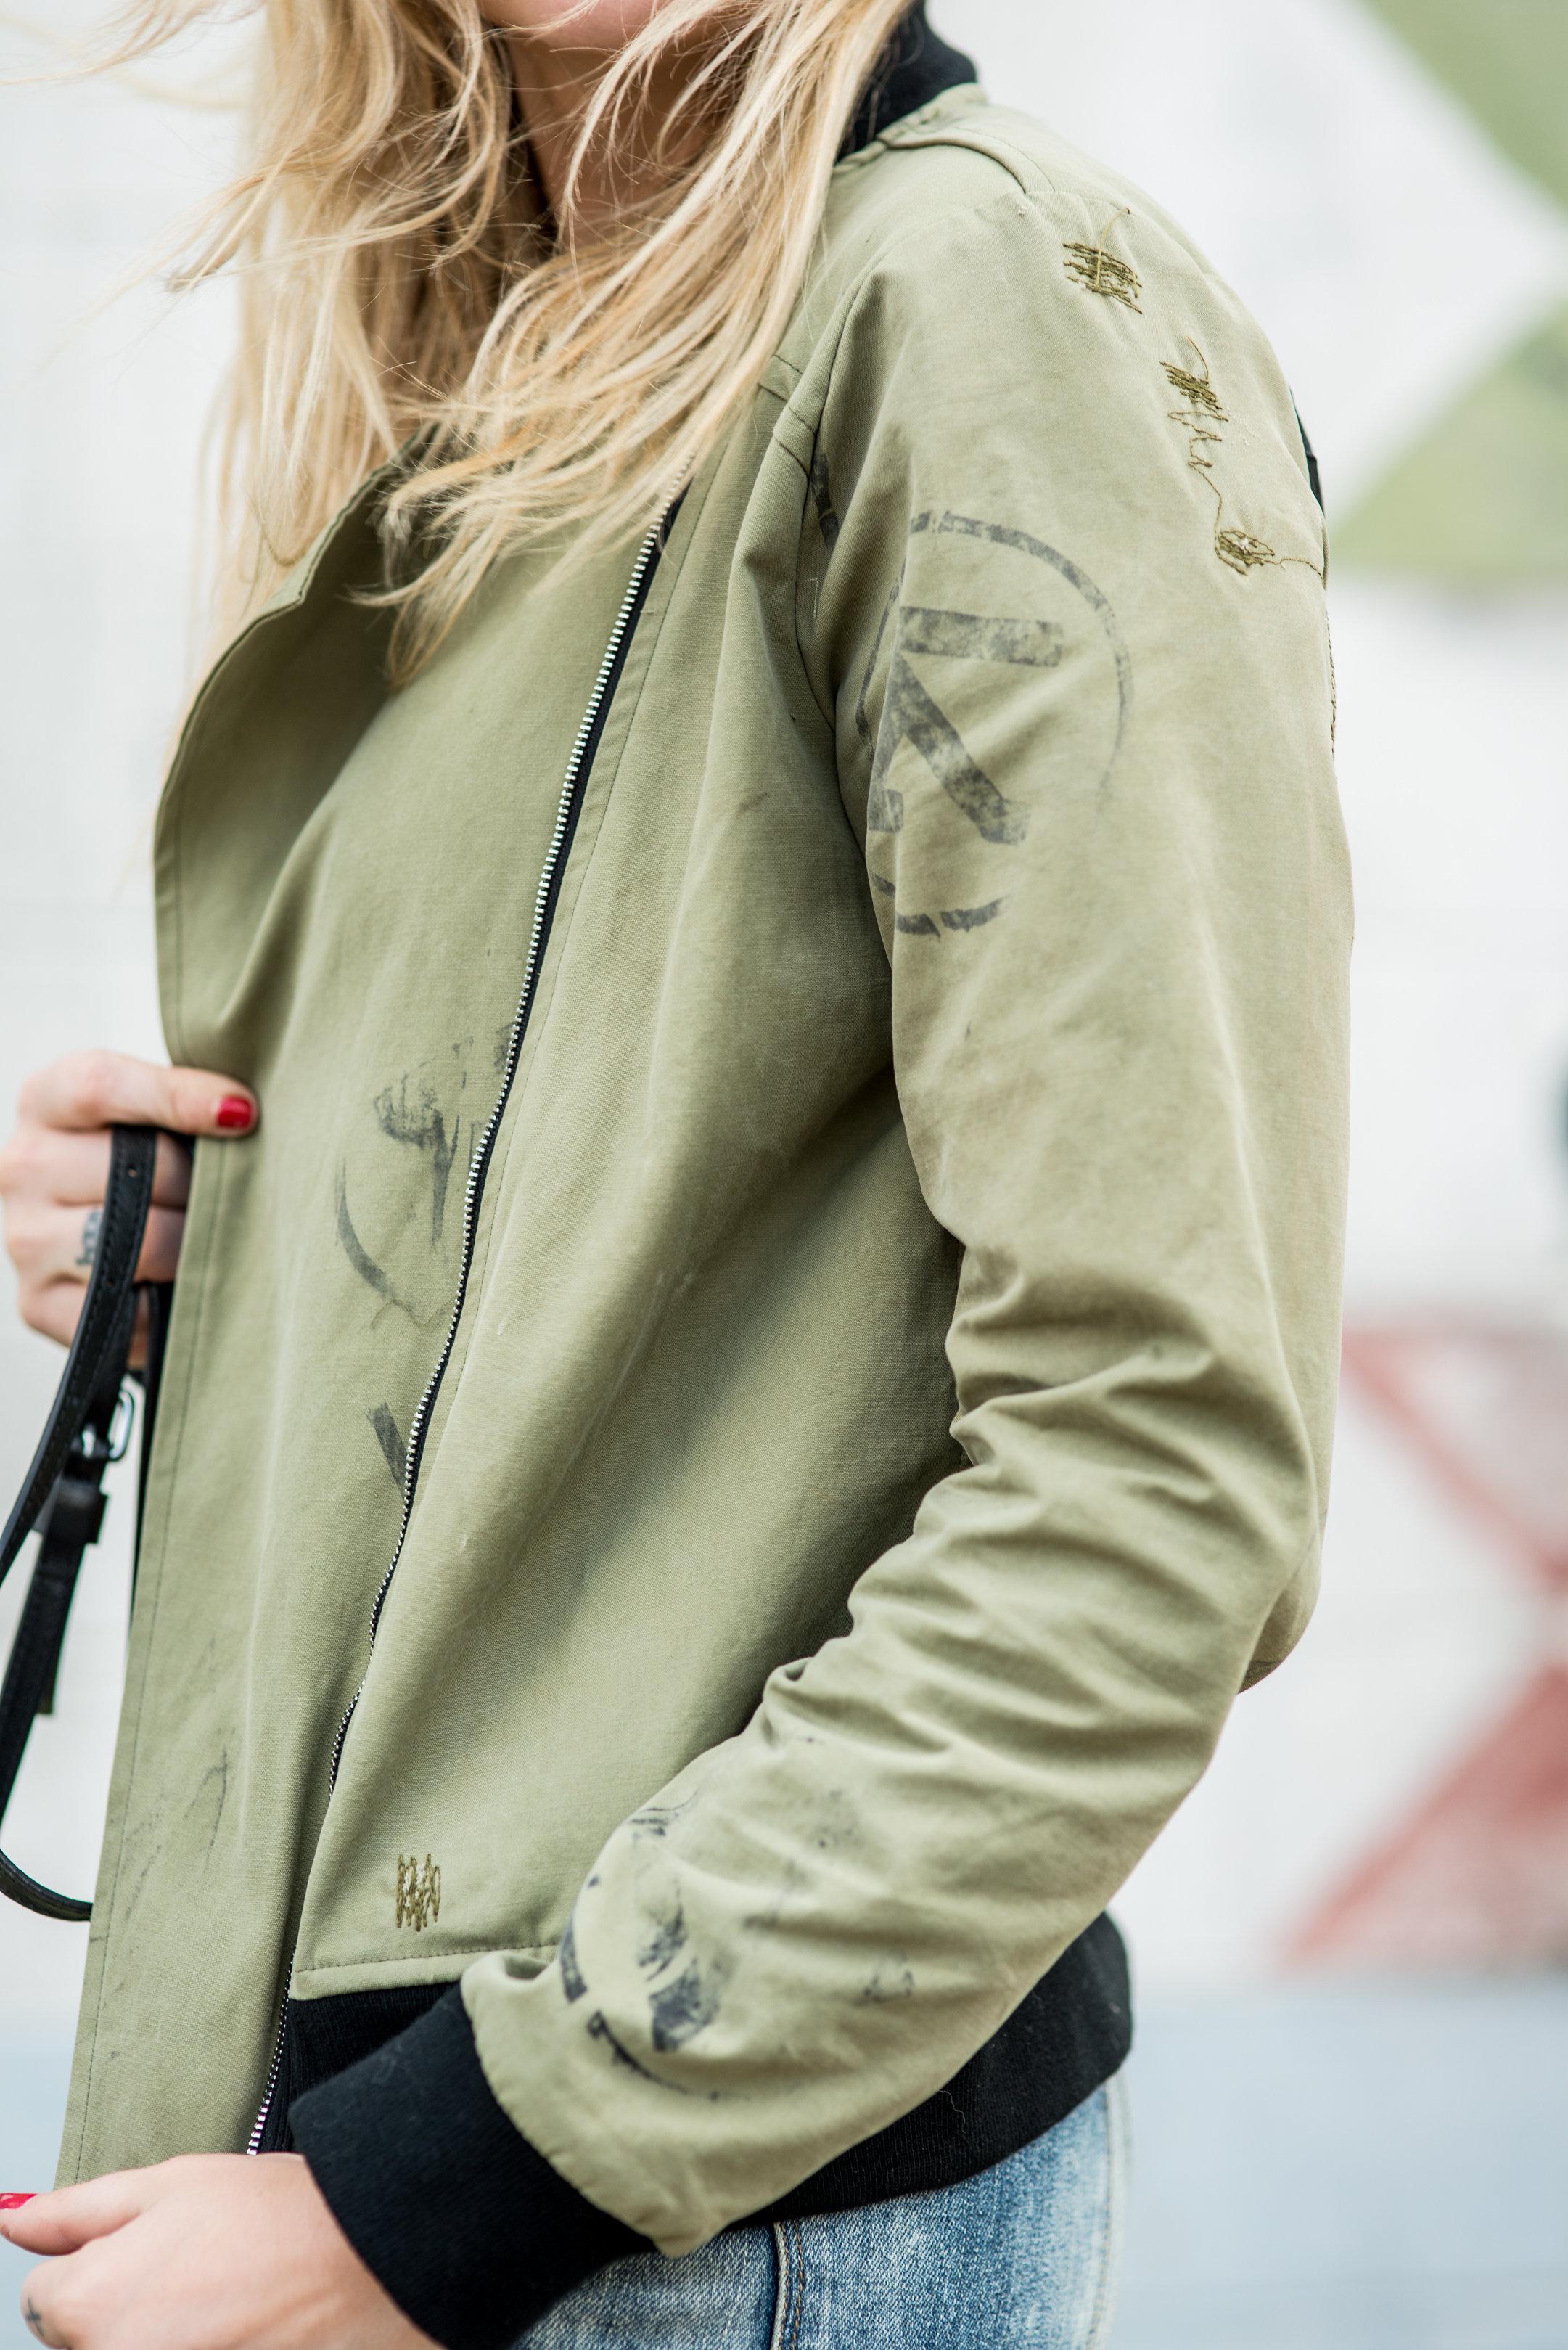 cchrst-military-green-jacket.jpg